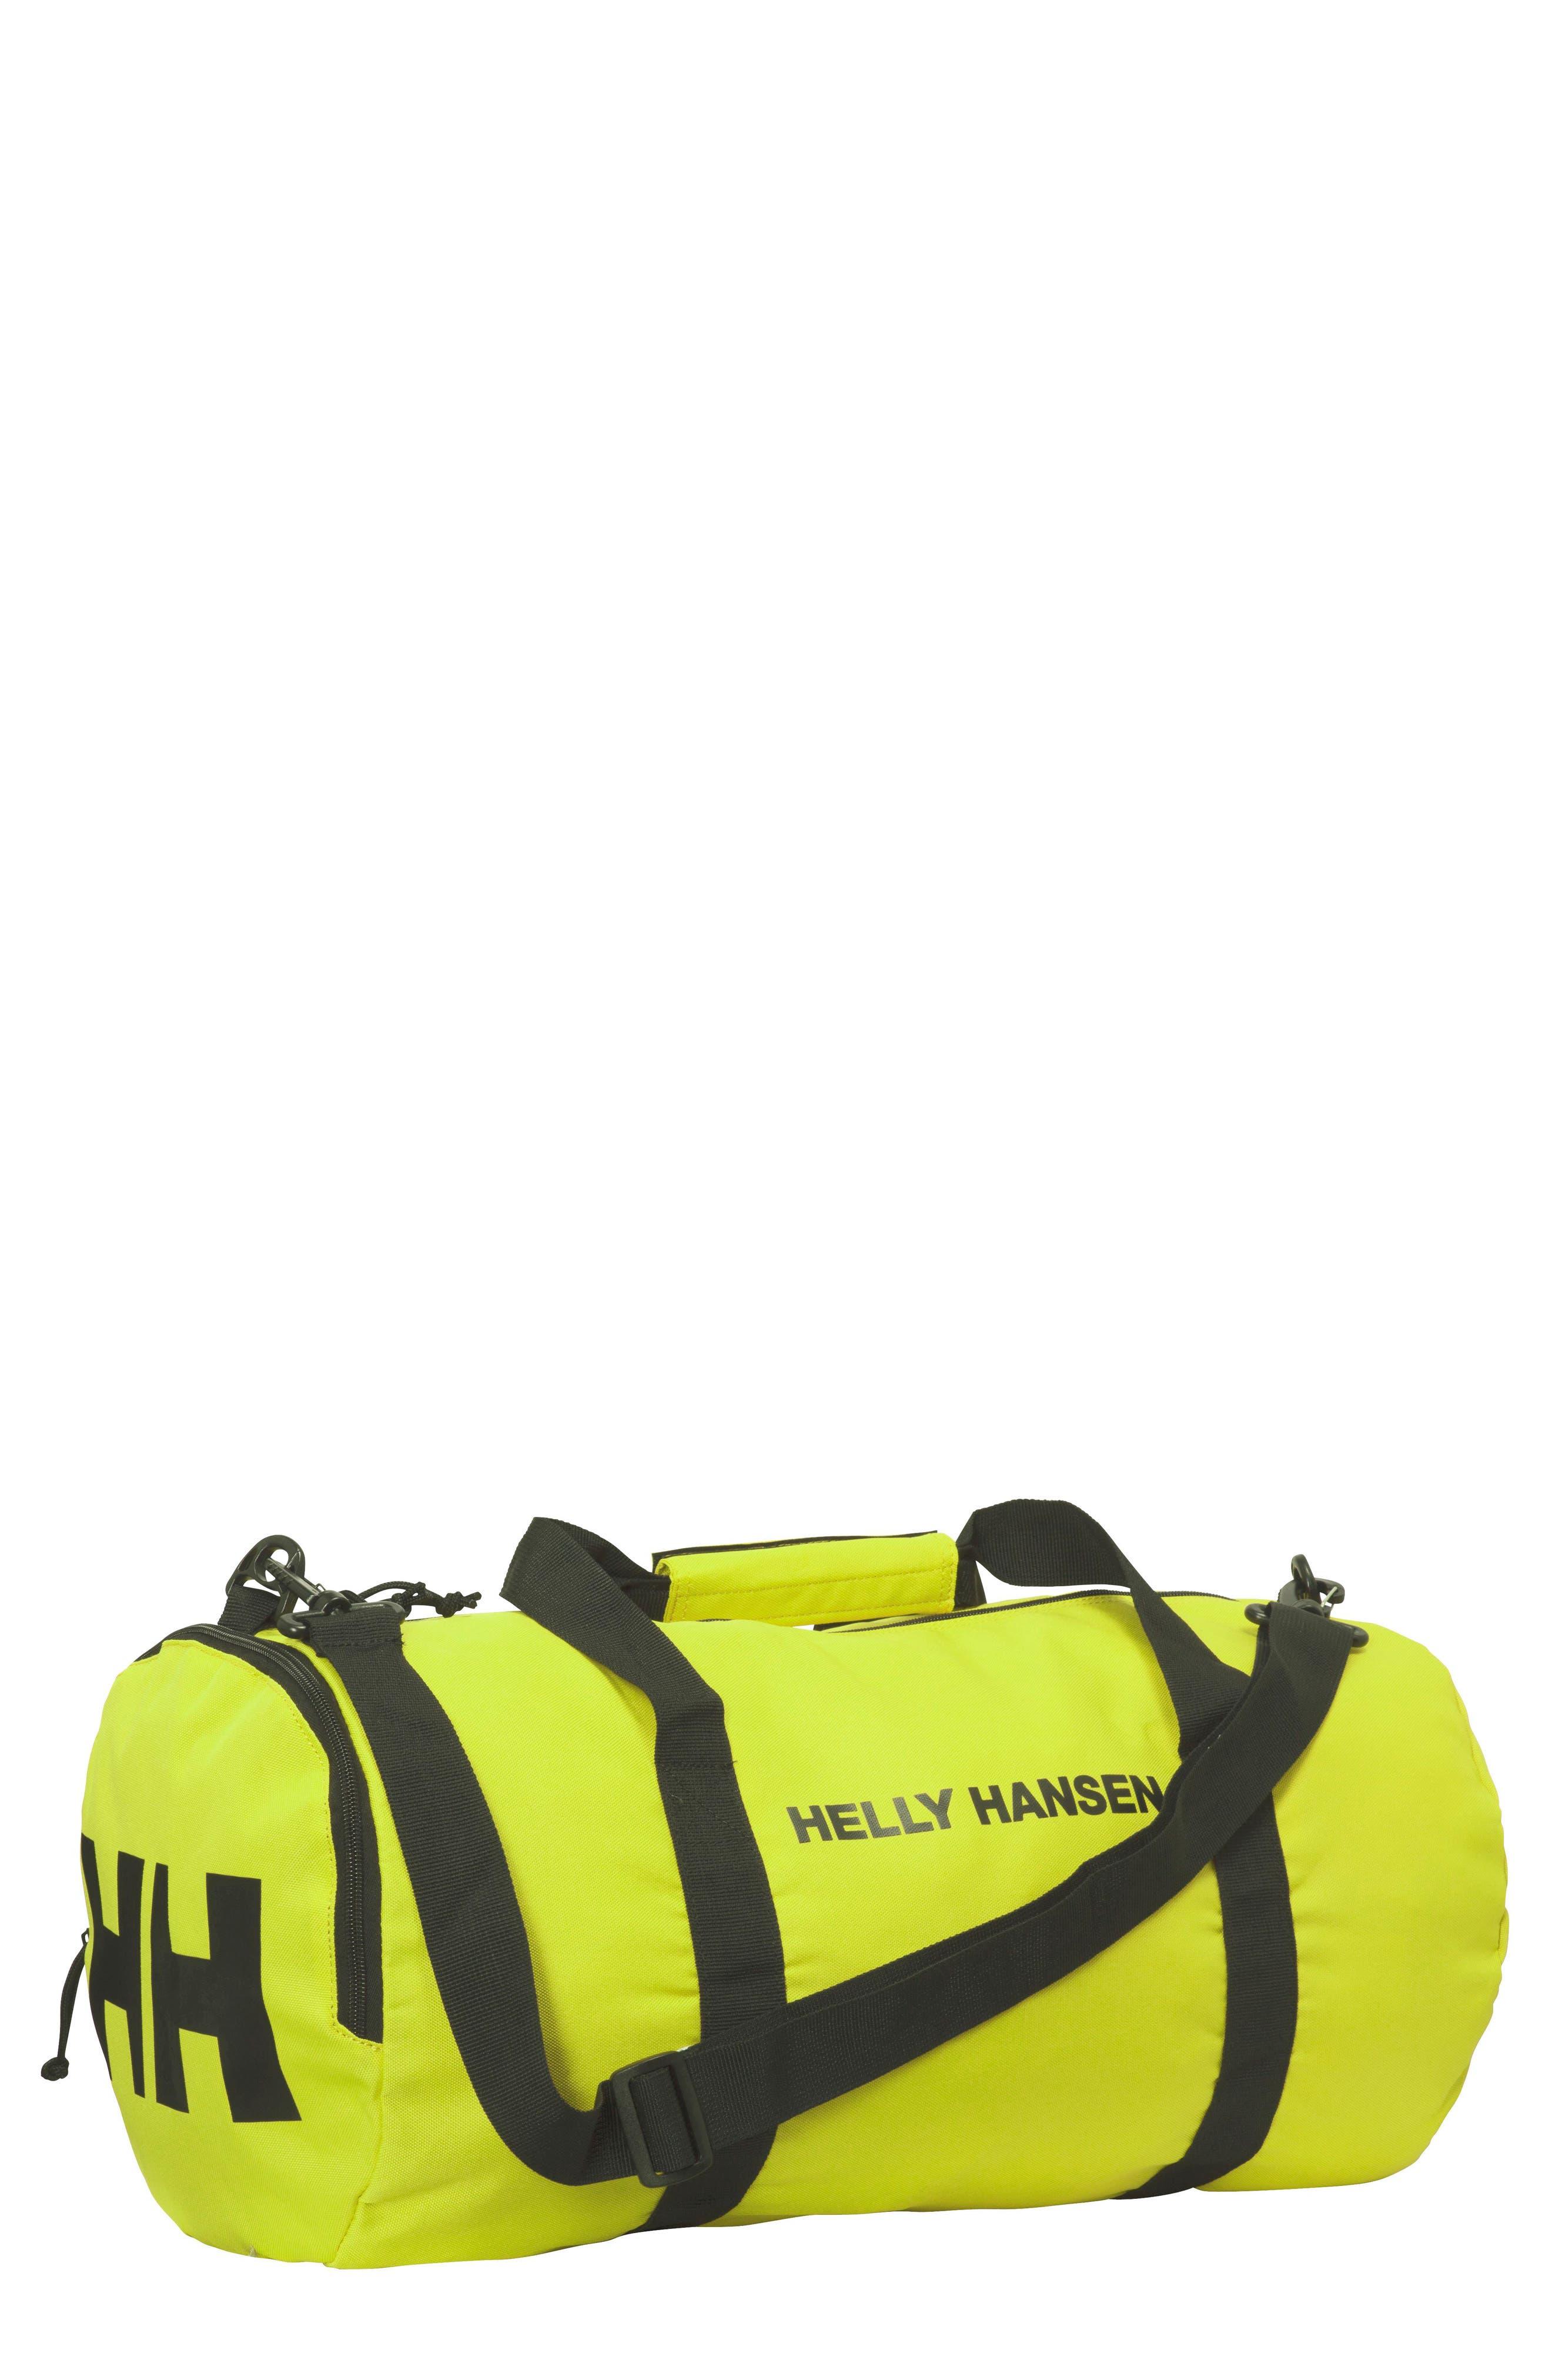 HELLY HANSEN Small Packable Duffel Bag